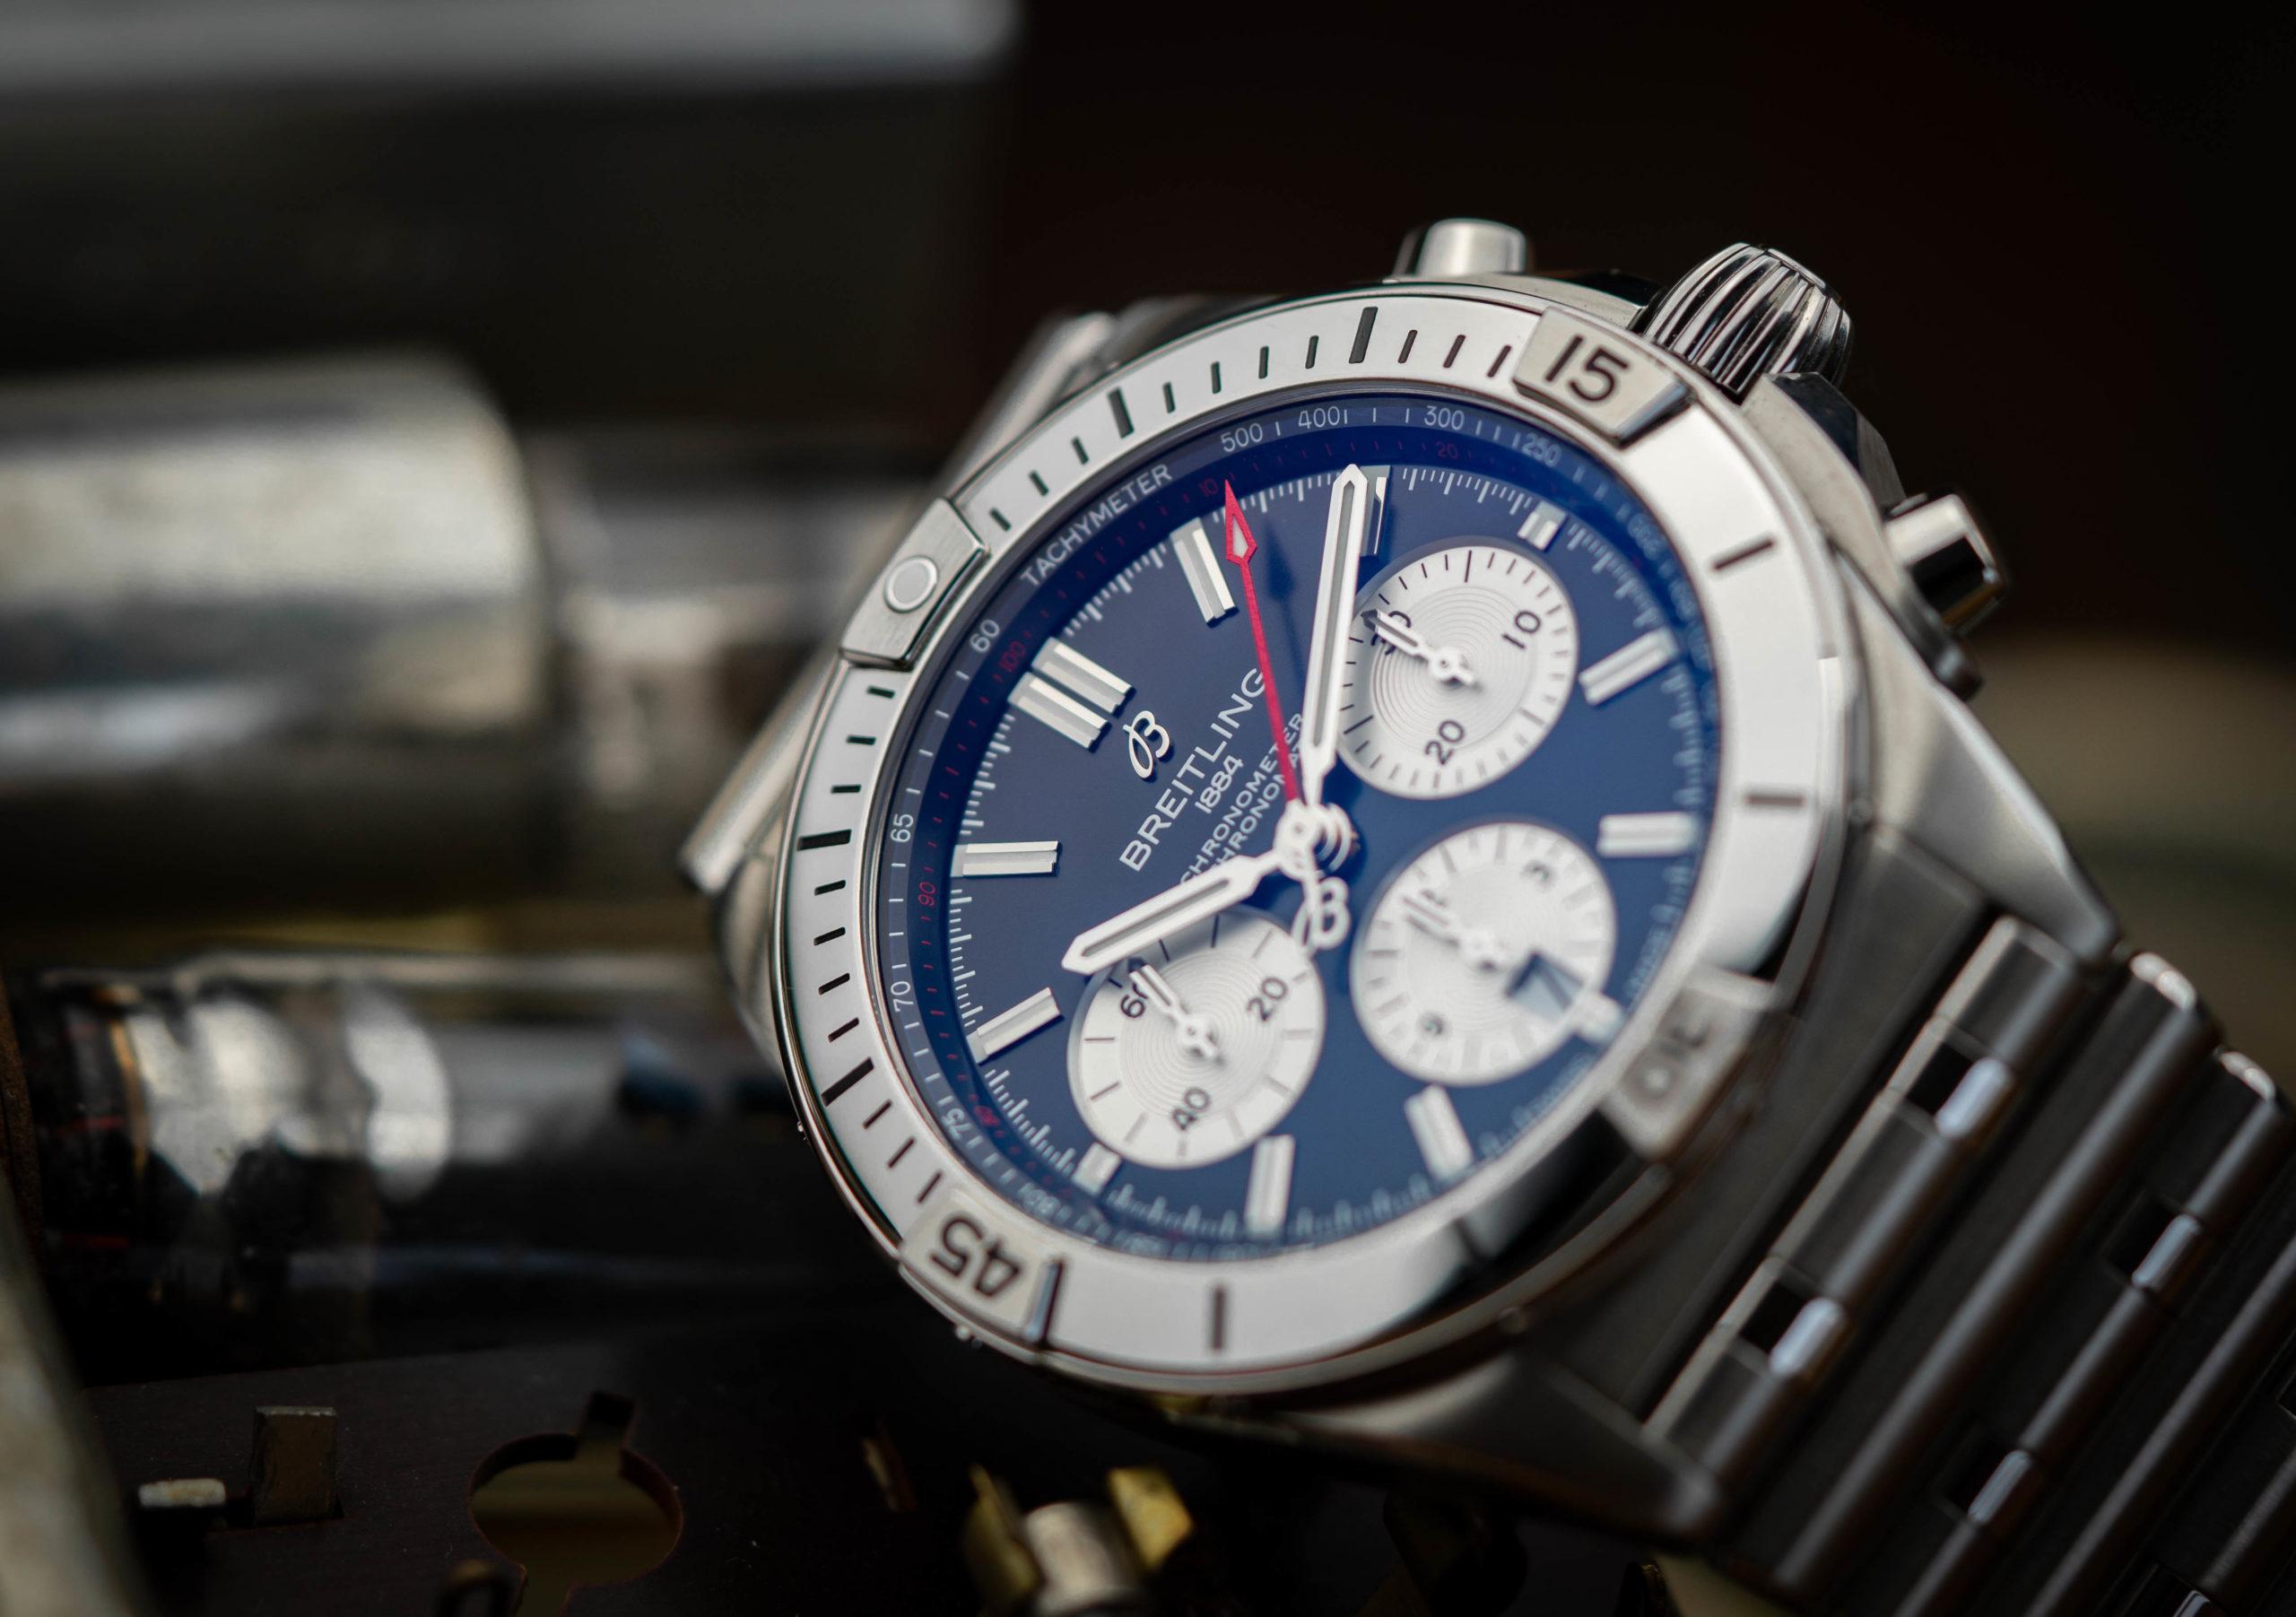 Breitling-Chronomat-B01-42-Test-23